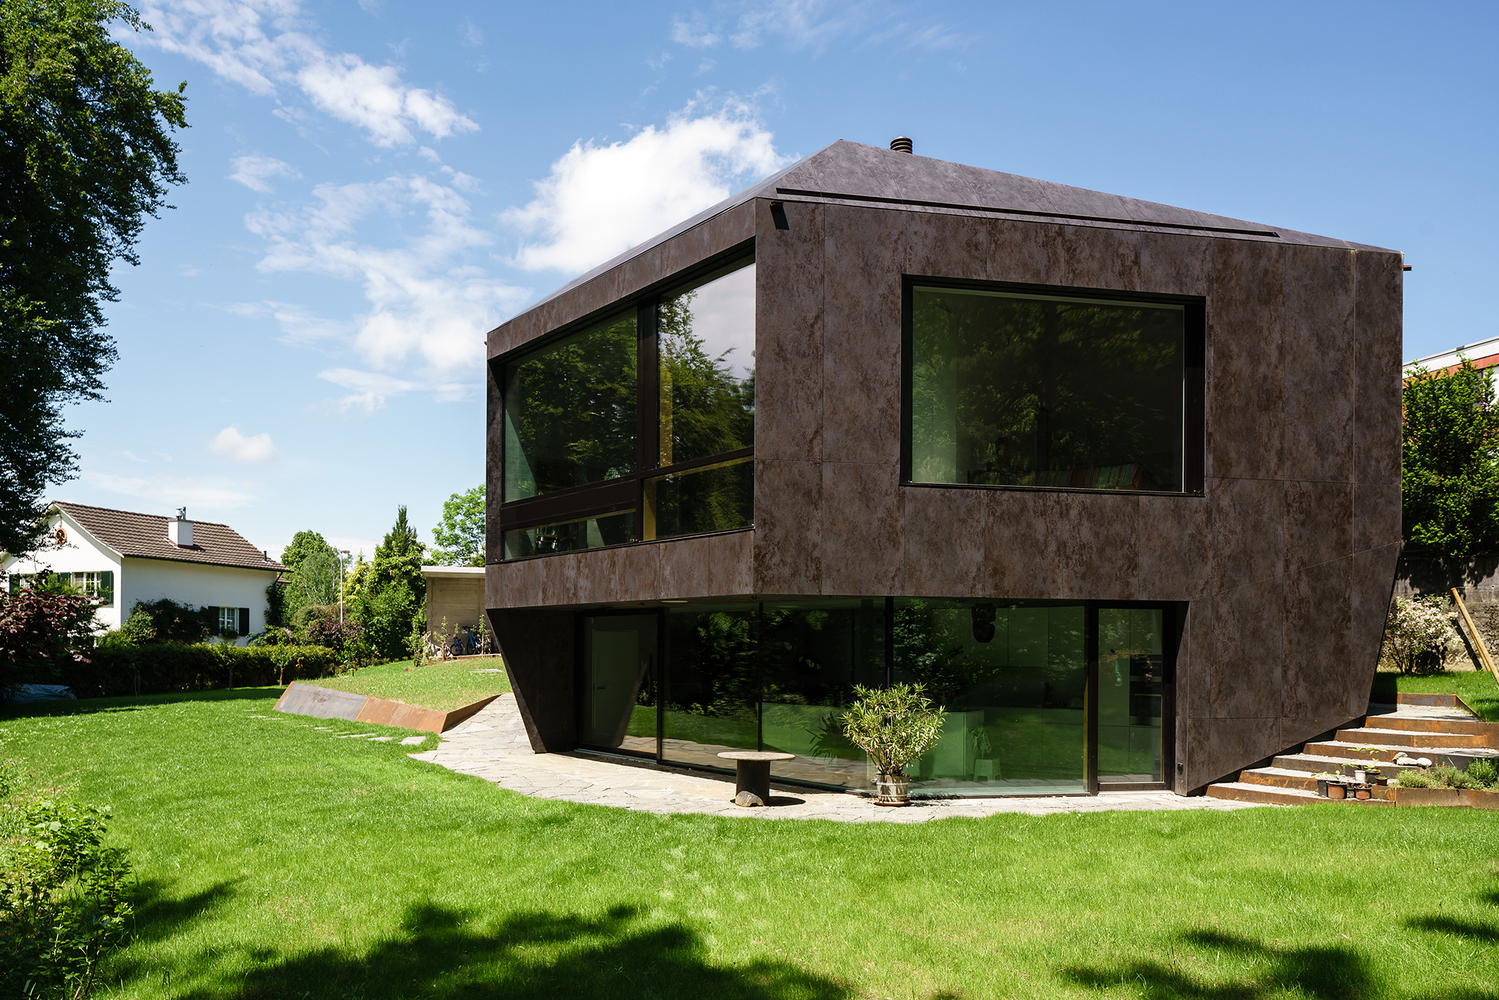 7_Casa Forest_Daluz Gonzalez Architekten_Inspirationist